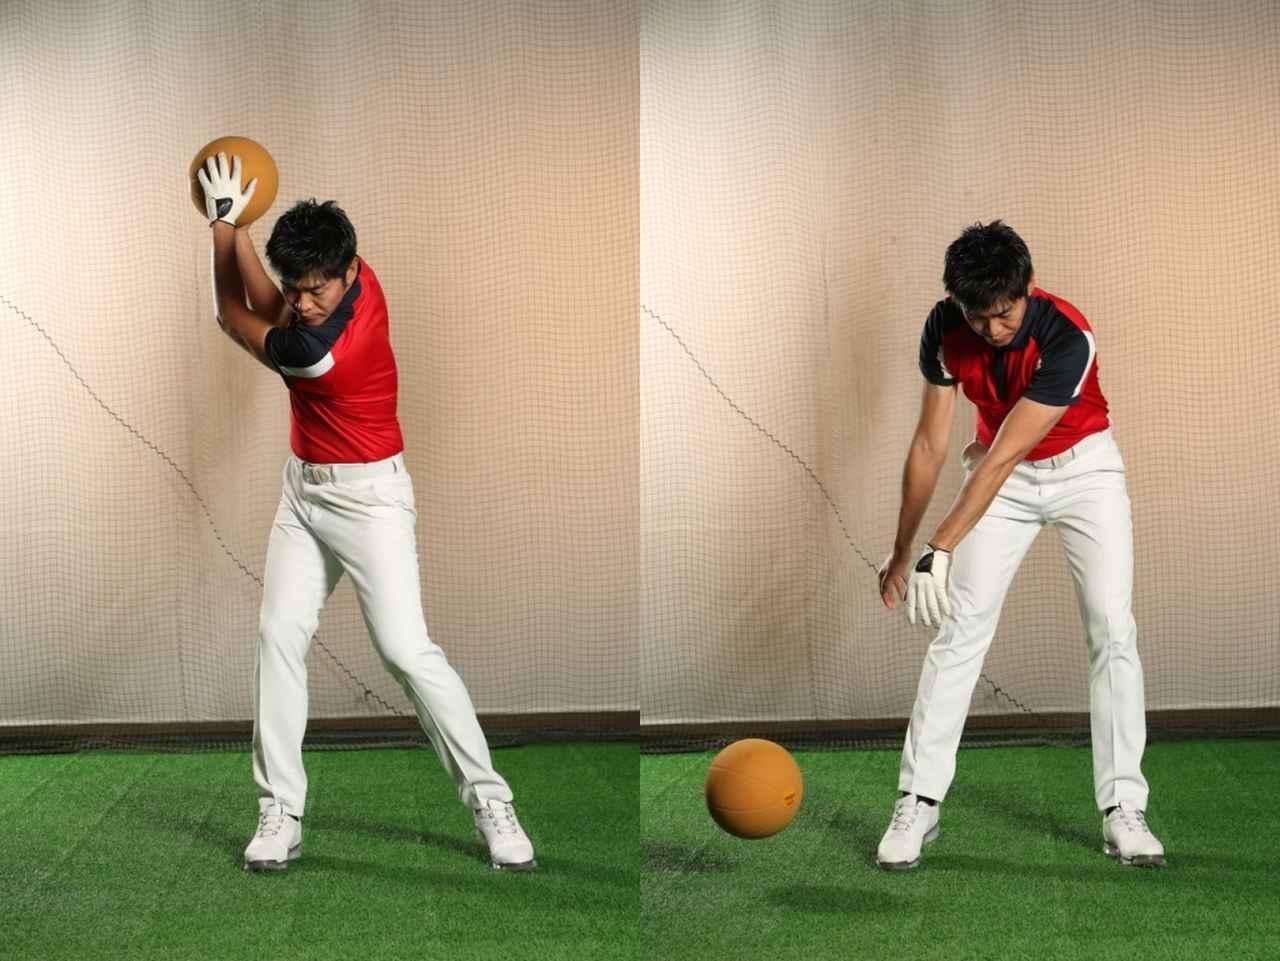 画像: トレーニングに使われるメディシンボールなどを両手で持ってトップの形で構え、ボールを右足の横に落と してみよう。「リリース」の感覚がつかめるはずだ。